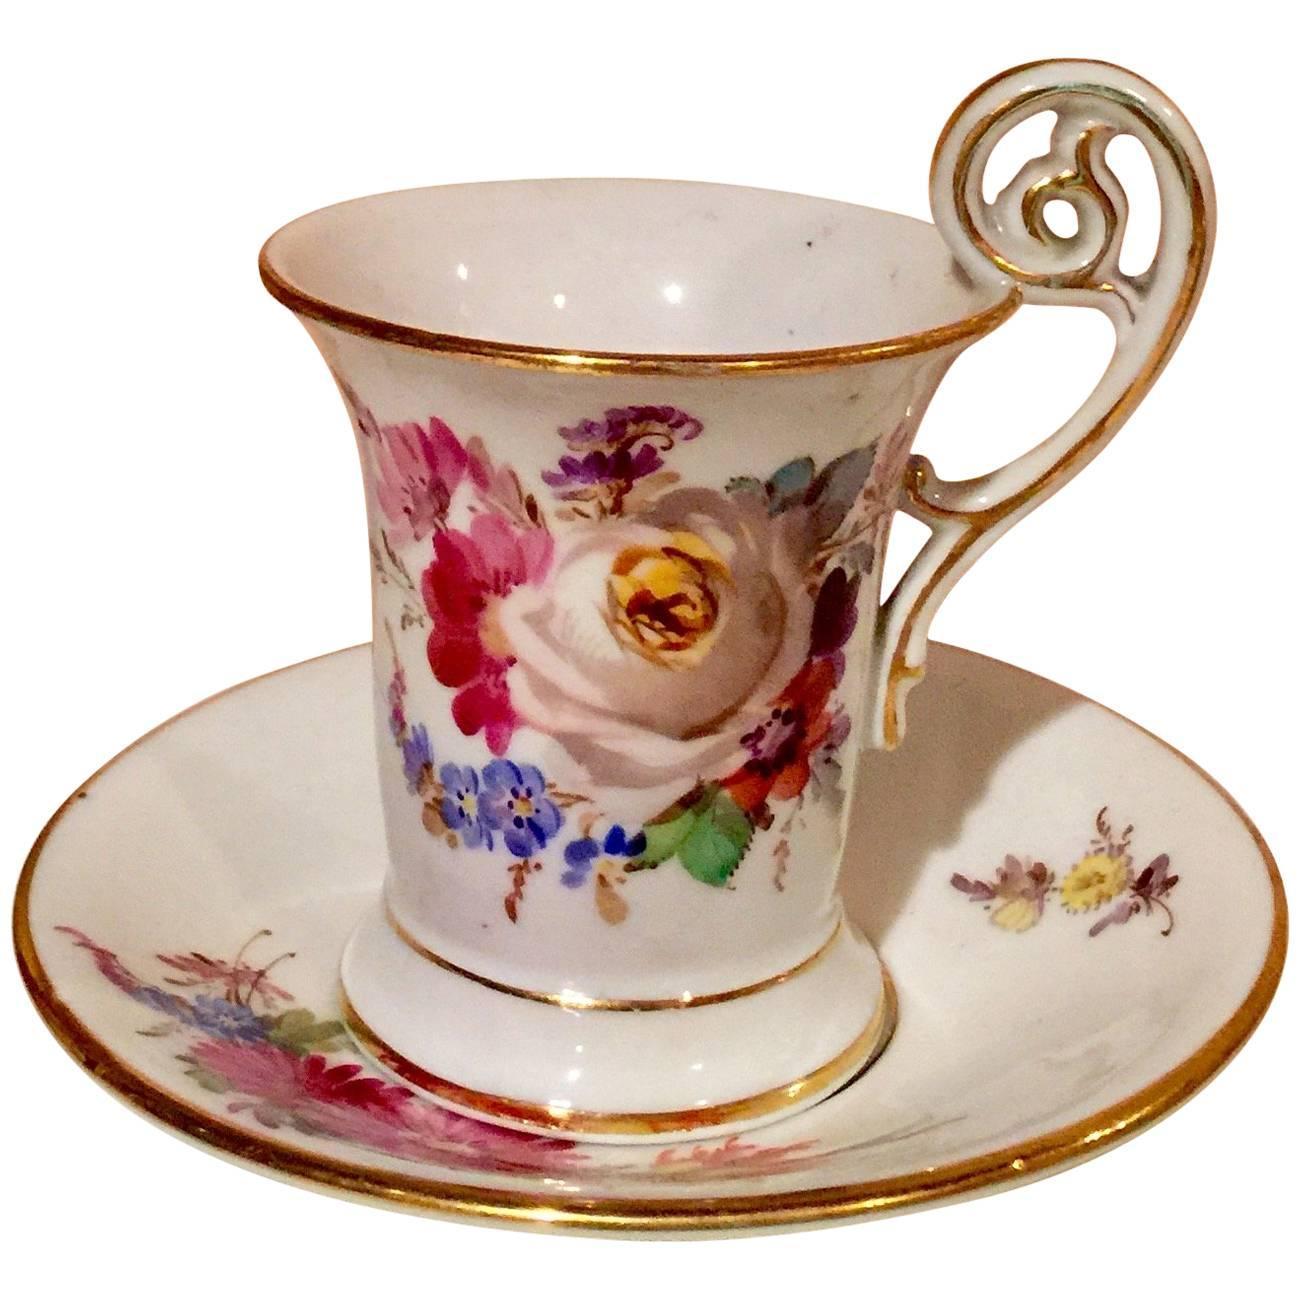 20th Century Meissen Porcelain Demitasse Cup & Saucer